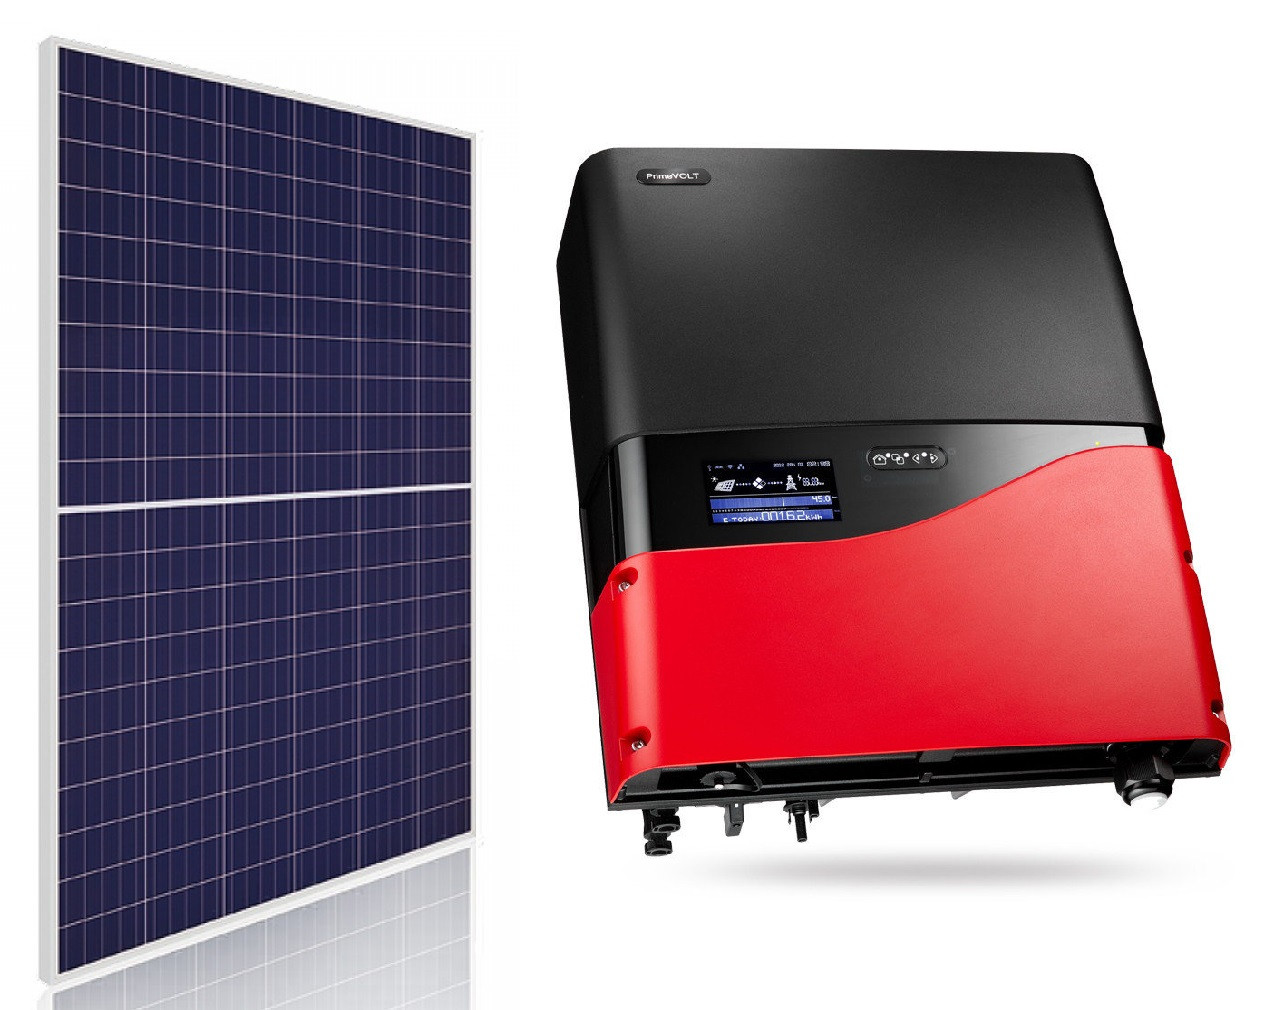 Комплект обладнання для сонячної електростанції 20 кВт (74 ФЕМ ABi-Solar AB280-60PHC + інвертор PrimeVOLT PV-20000T-U)